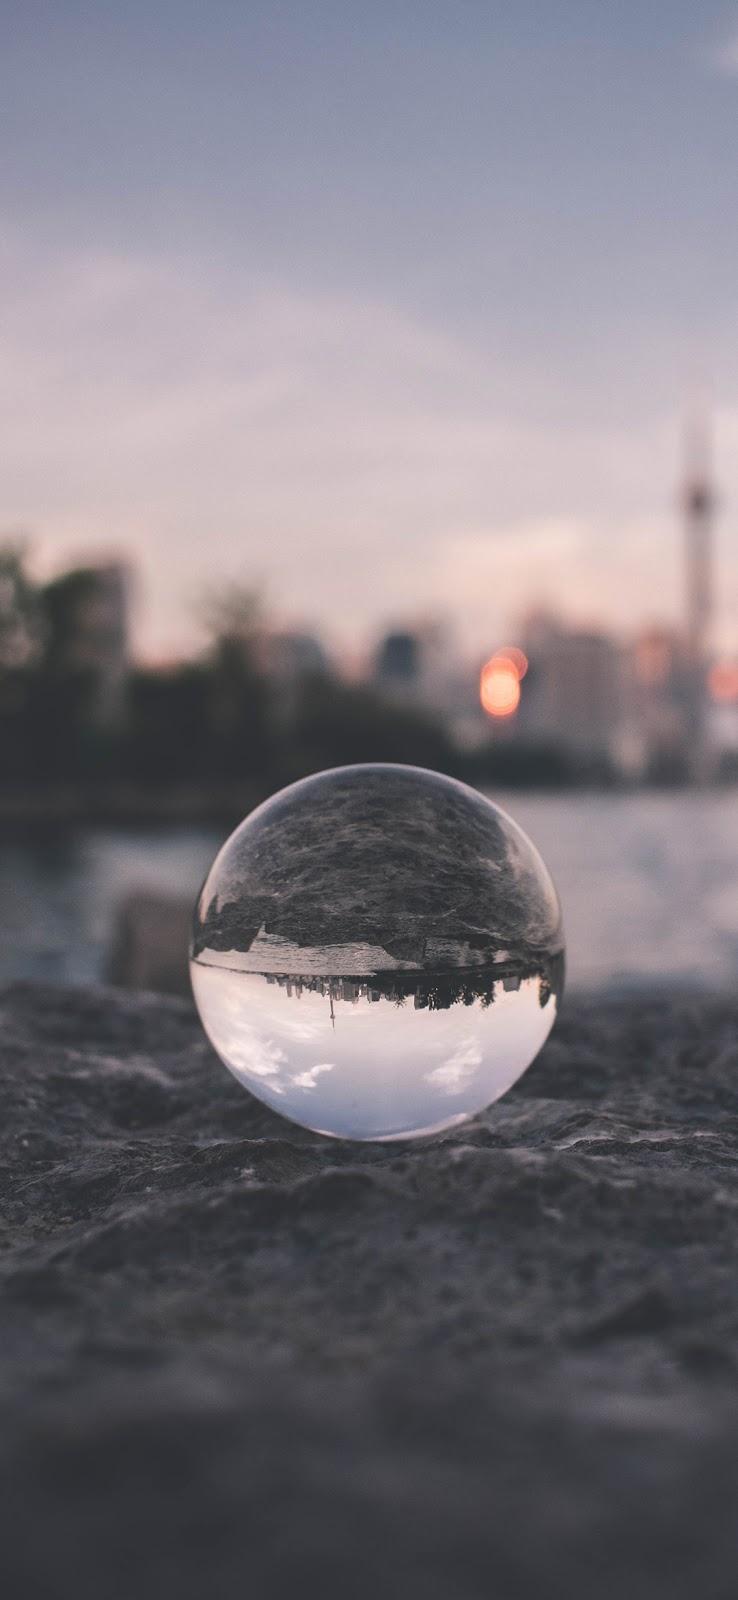 Glass ball on gray sand